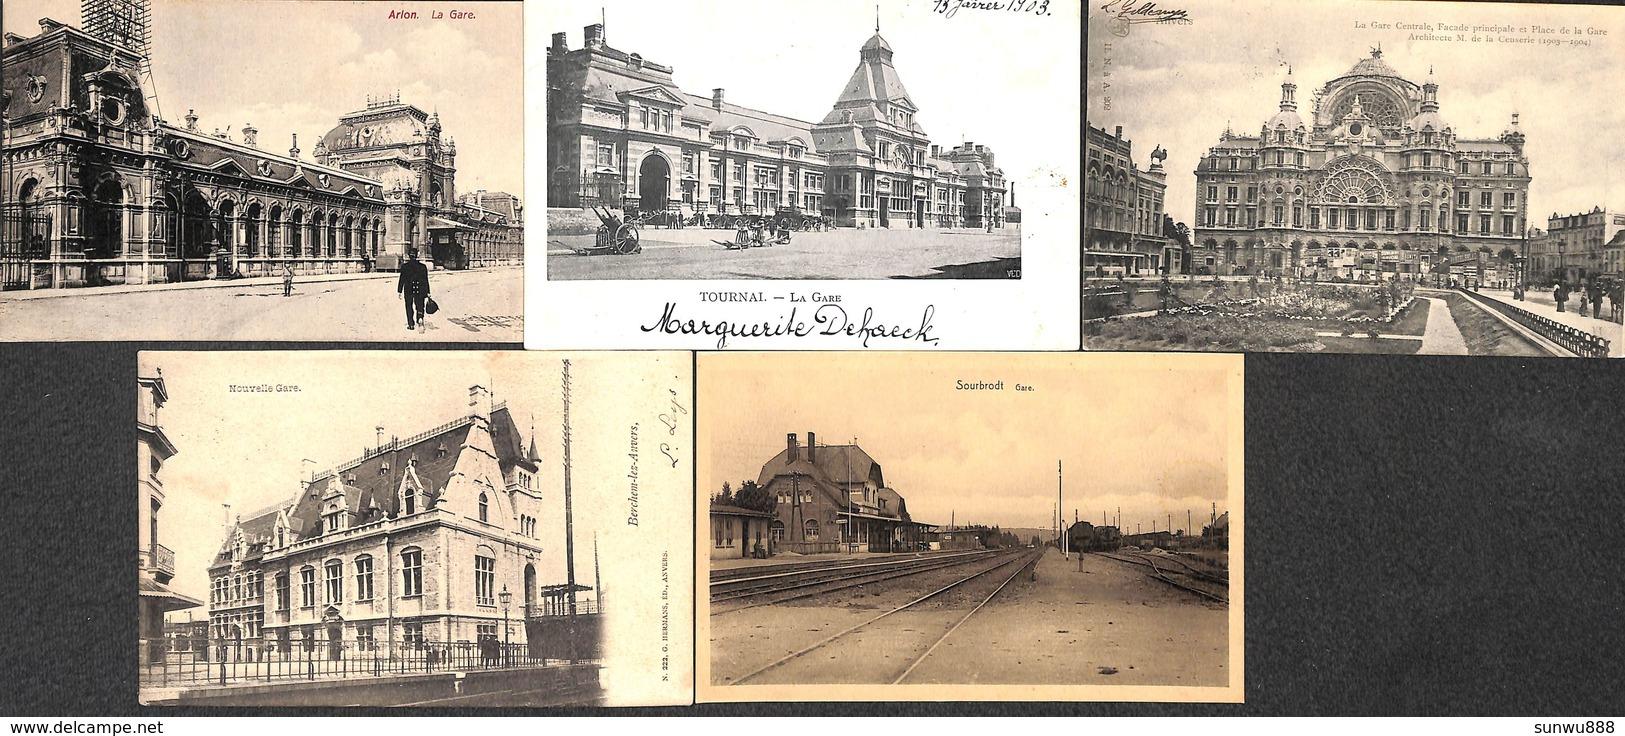 Lot De 77 Cartes Gare Station Statie Belgique (Spontin, Hockai, Liège, Bruxelles, Anvers, Namur, Tram, Tramway..) - Gares - Sans Trains